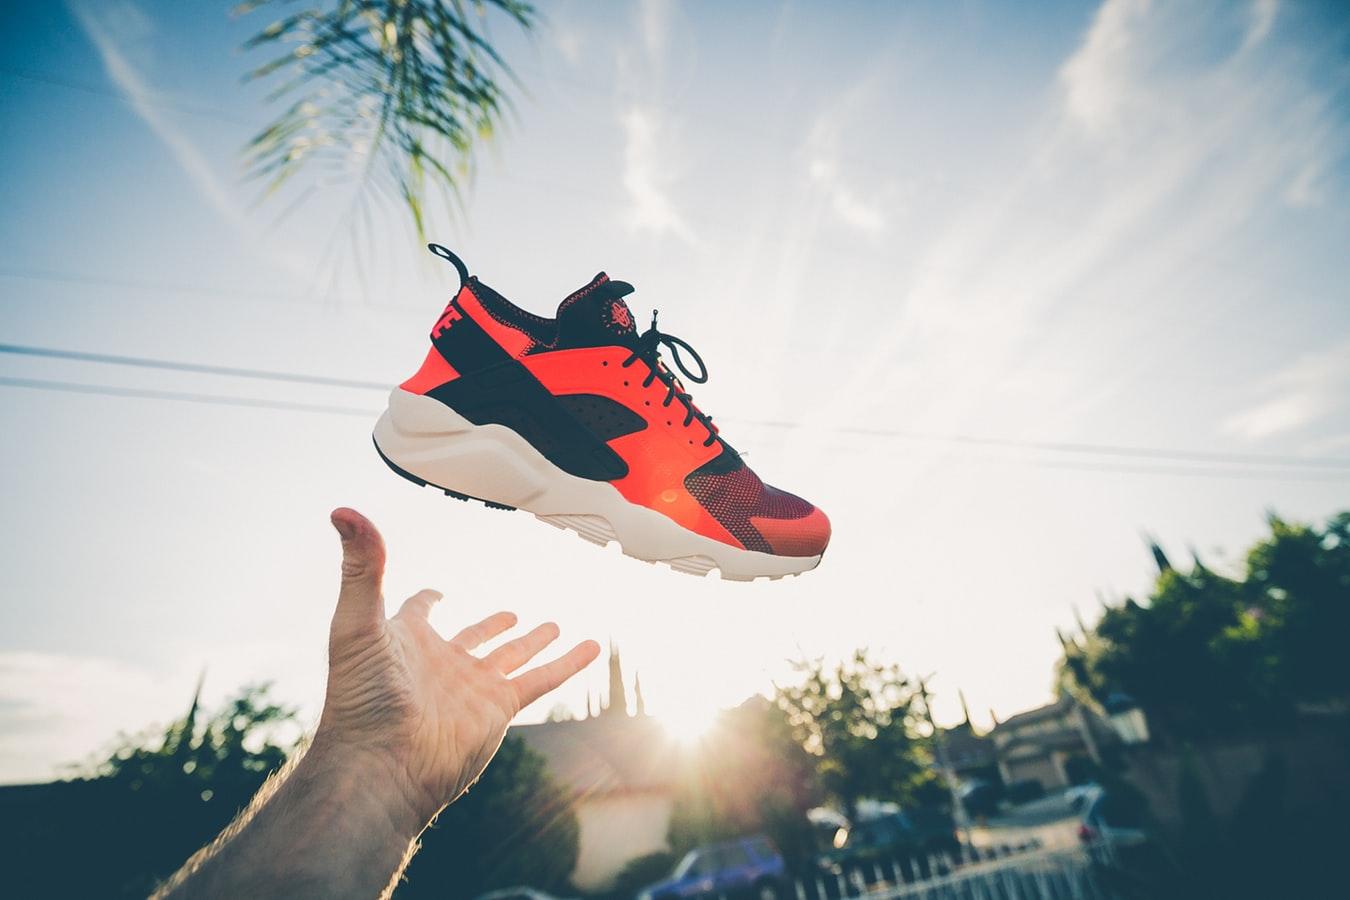 Nákup obuvi to čo chcete